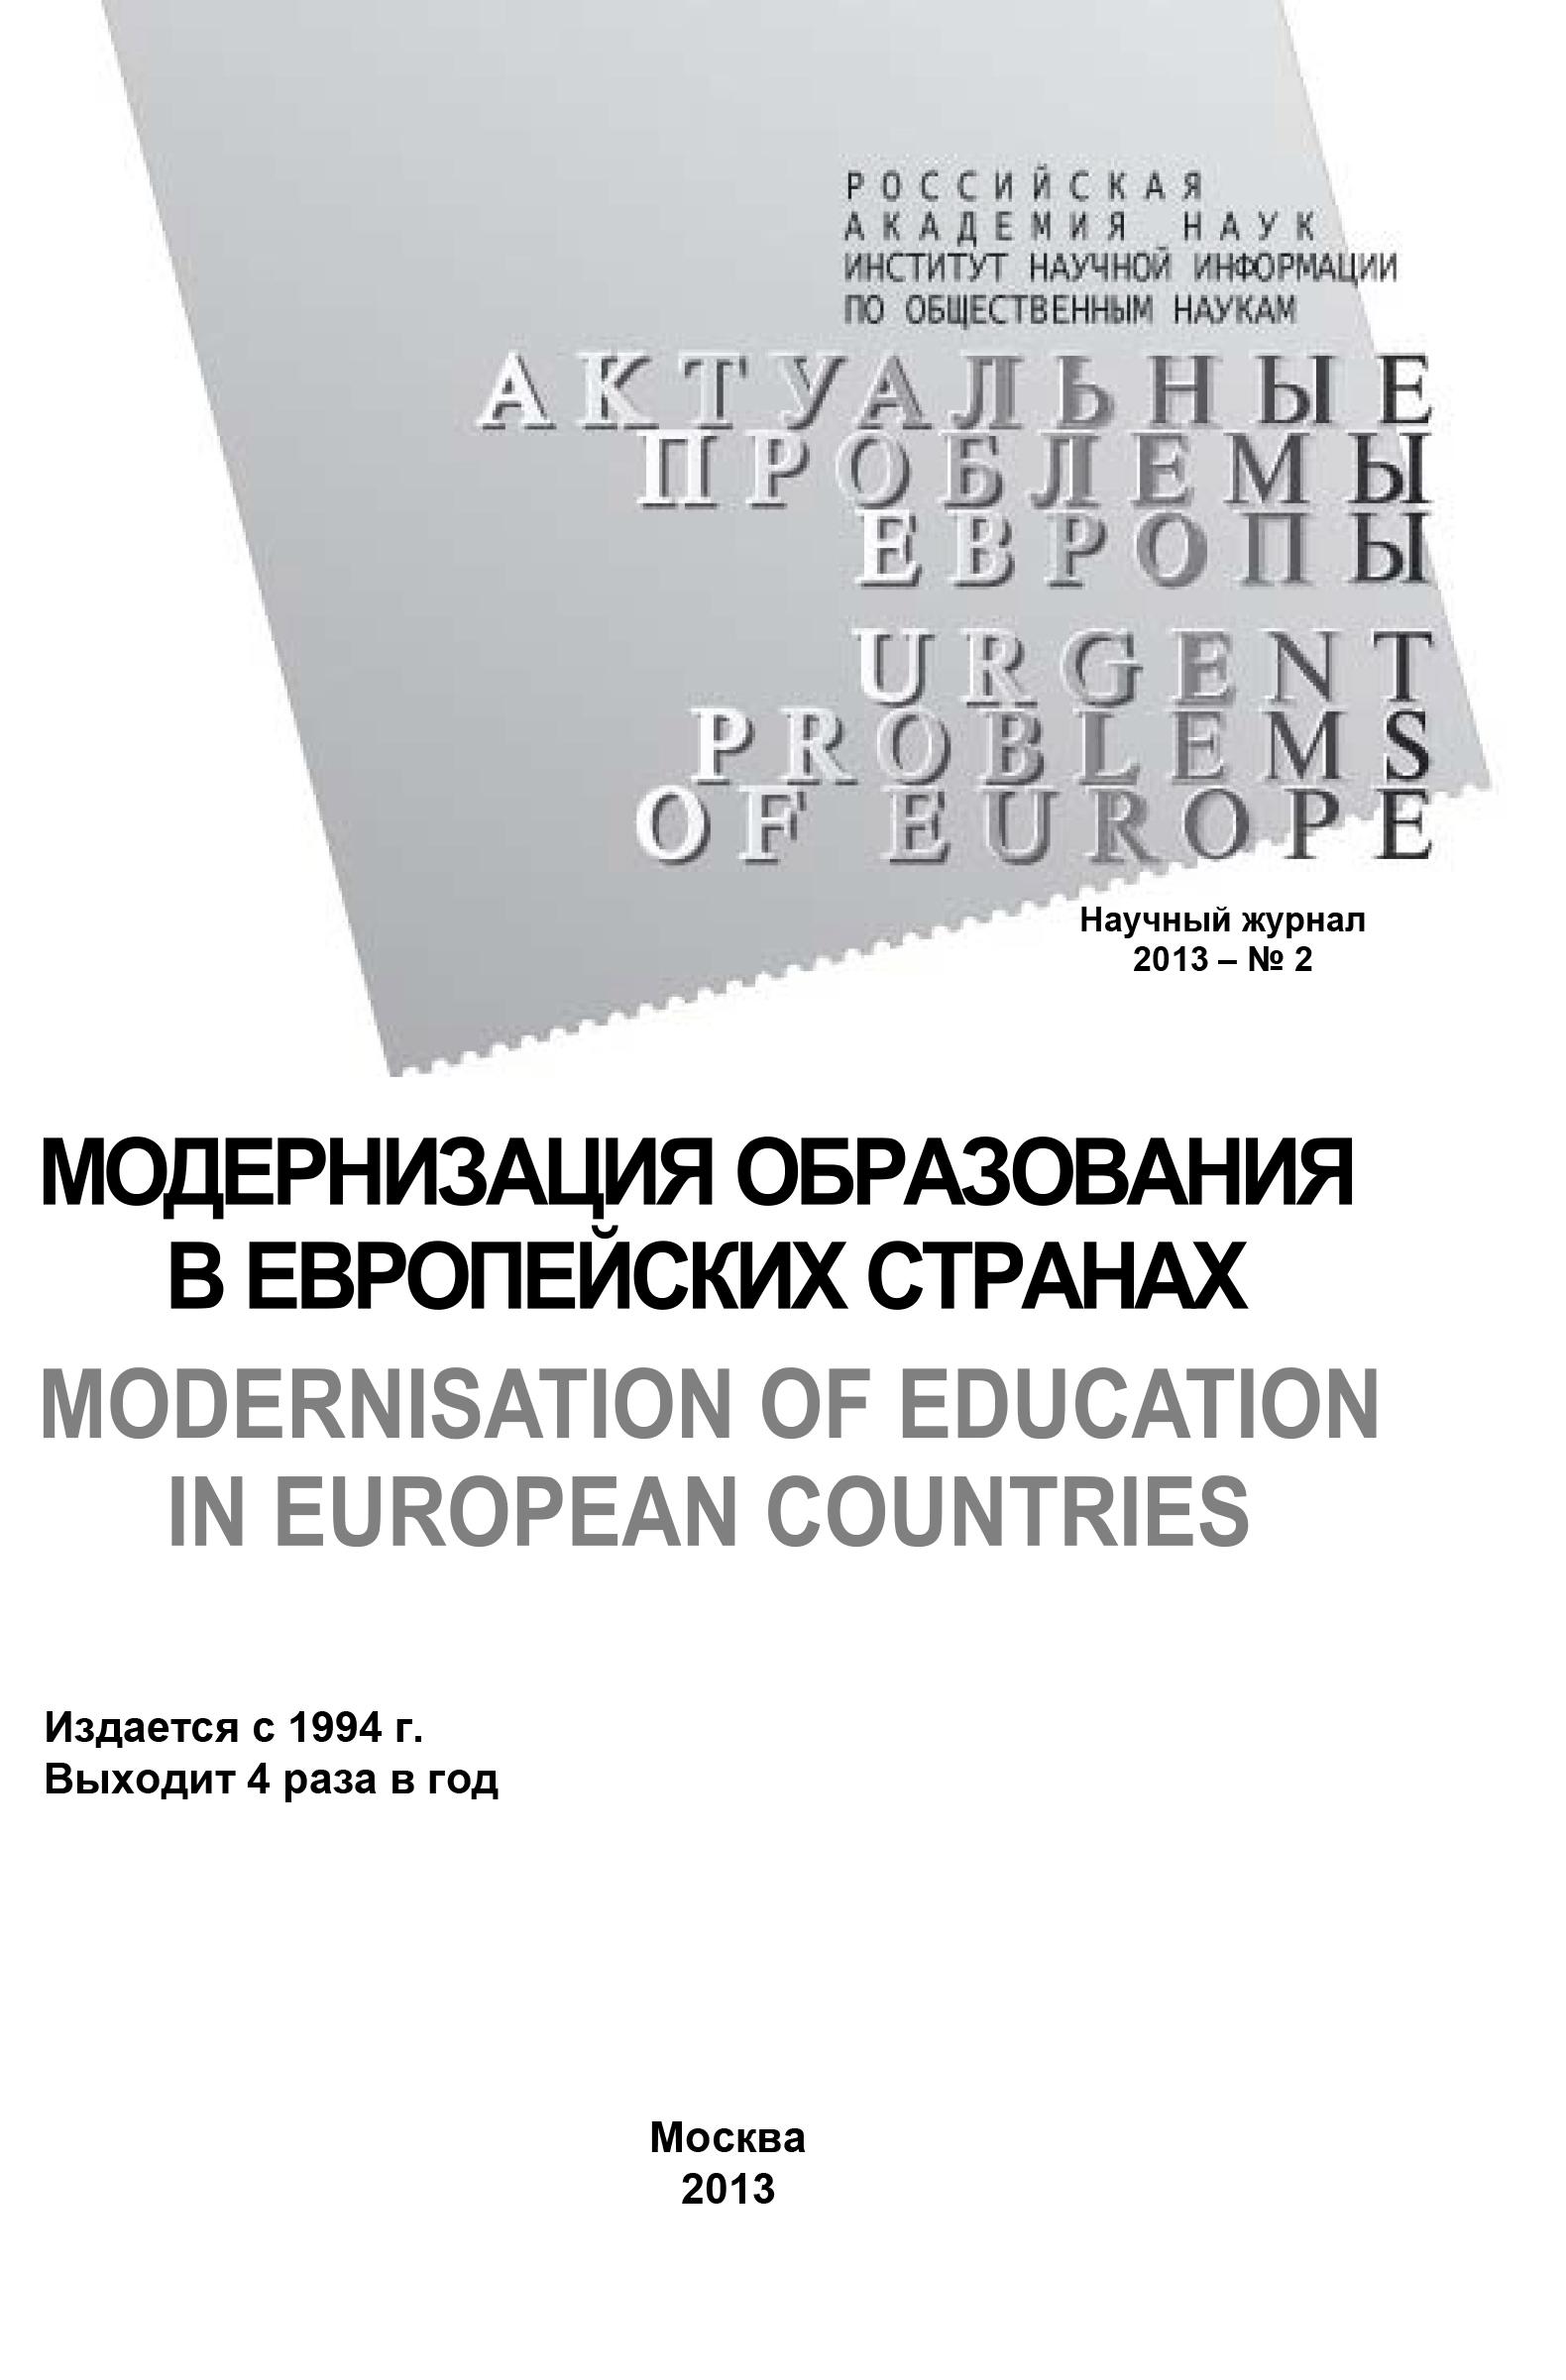 Коллектив авторов Актуальные проблемы Европы №2 / 2013